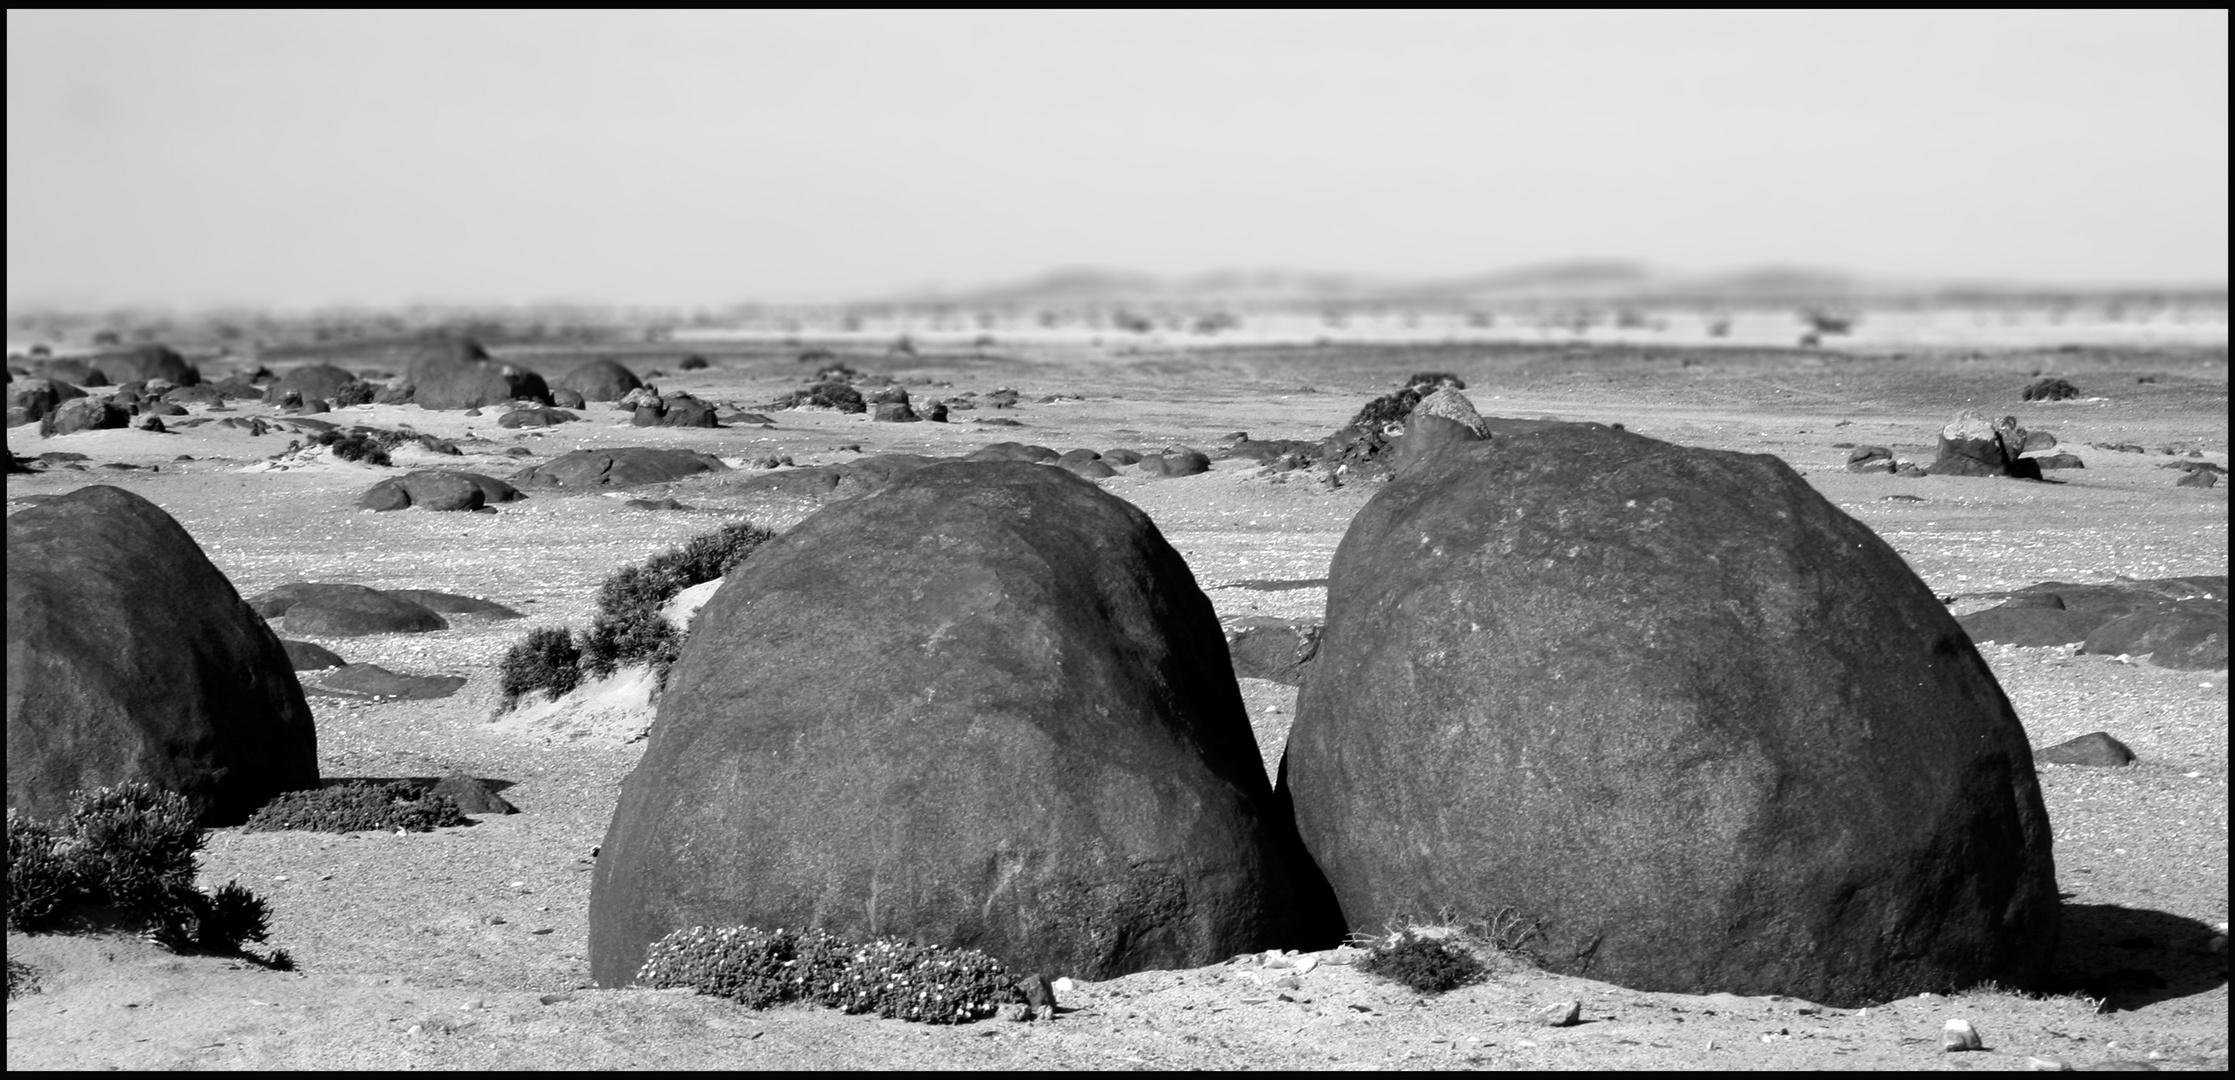 Neben der Pad, bei Wlotzkasbaken- Namibia